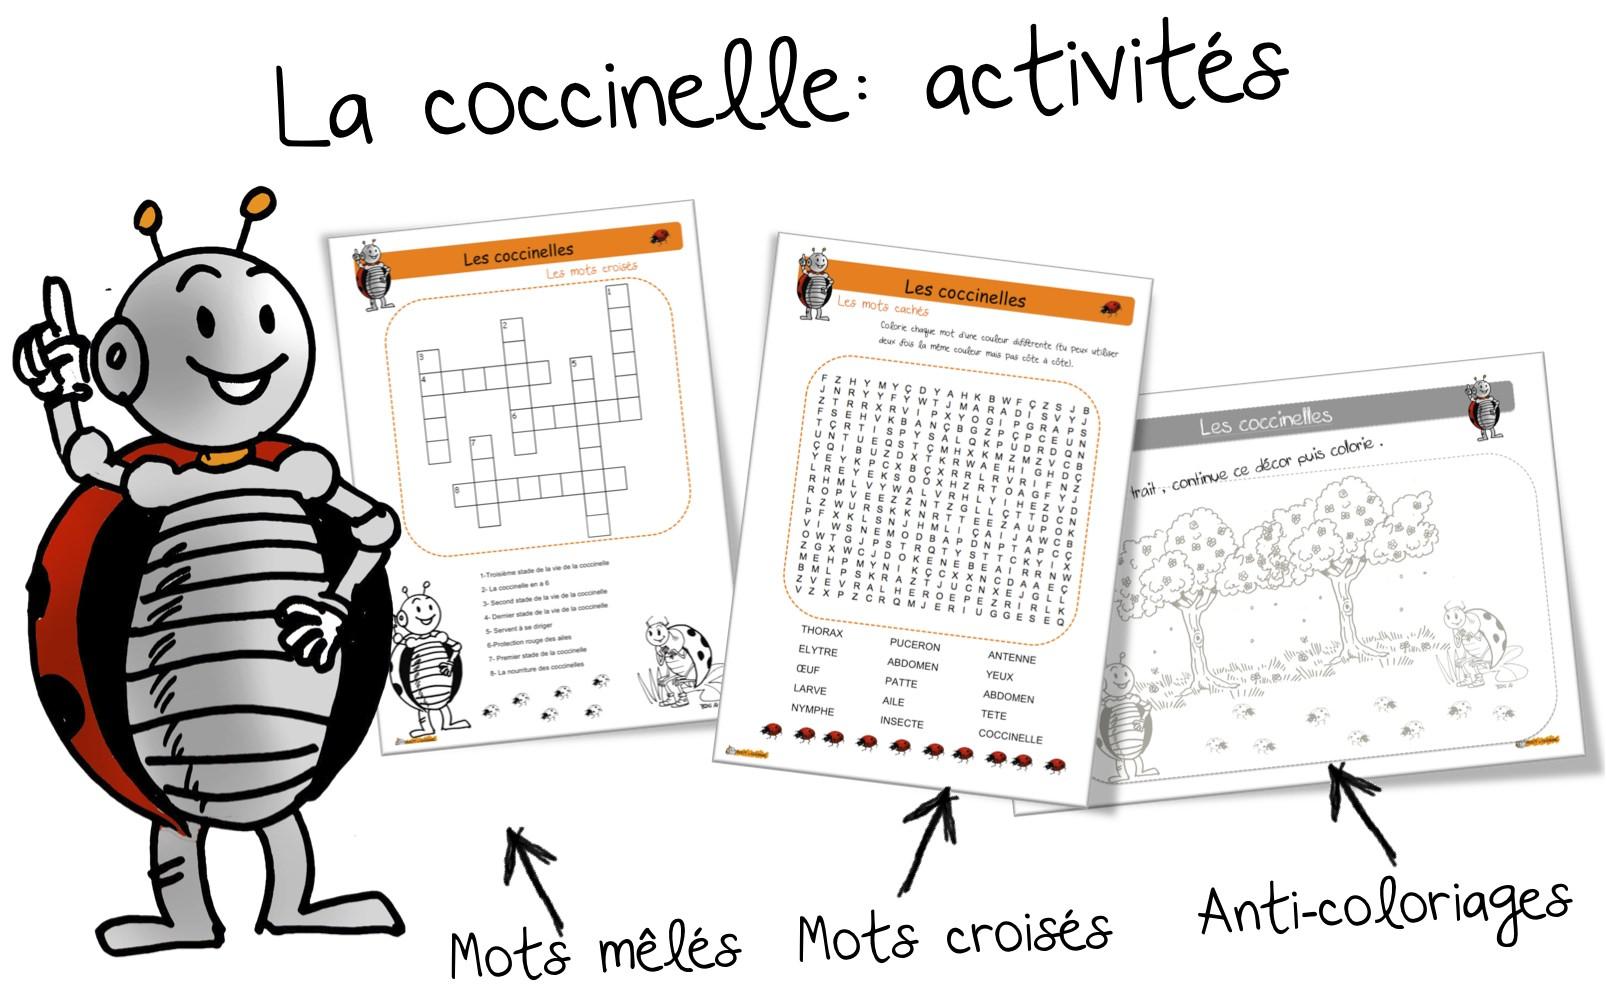 Souvent Les coccinelles : les activités | Bout de Gomme UZ54